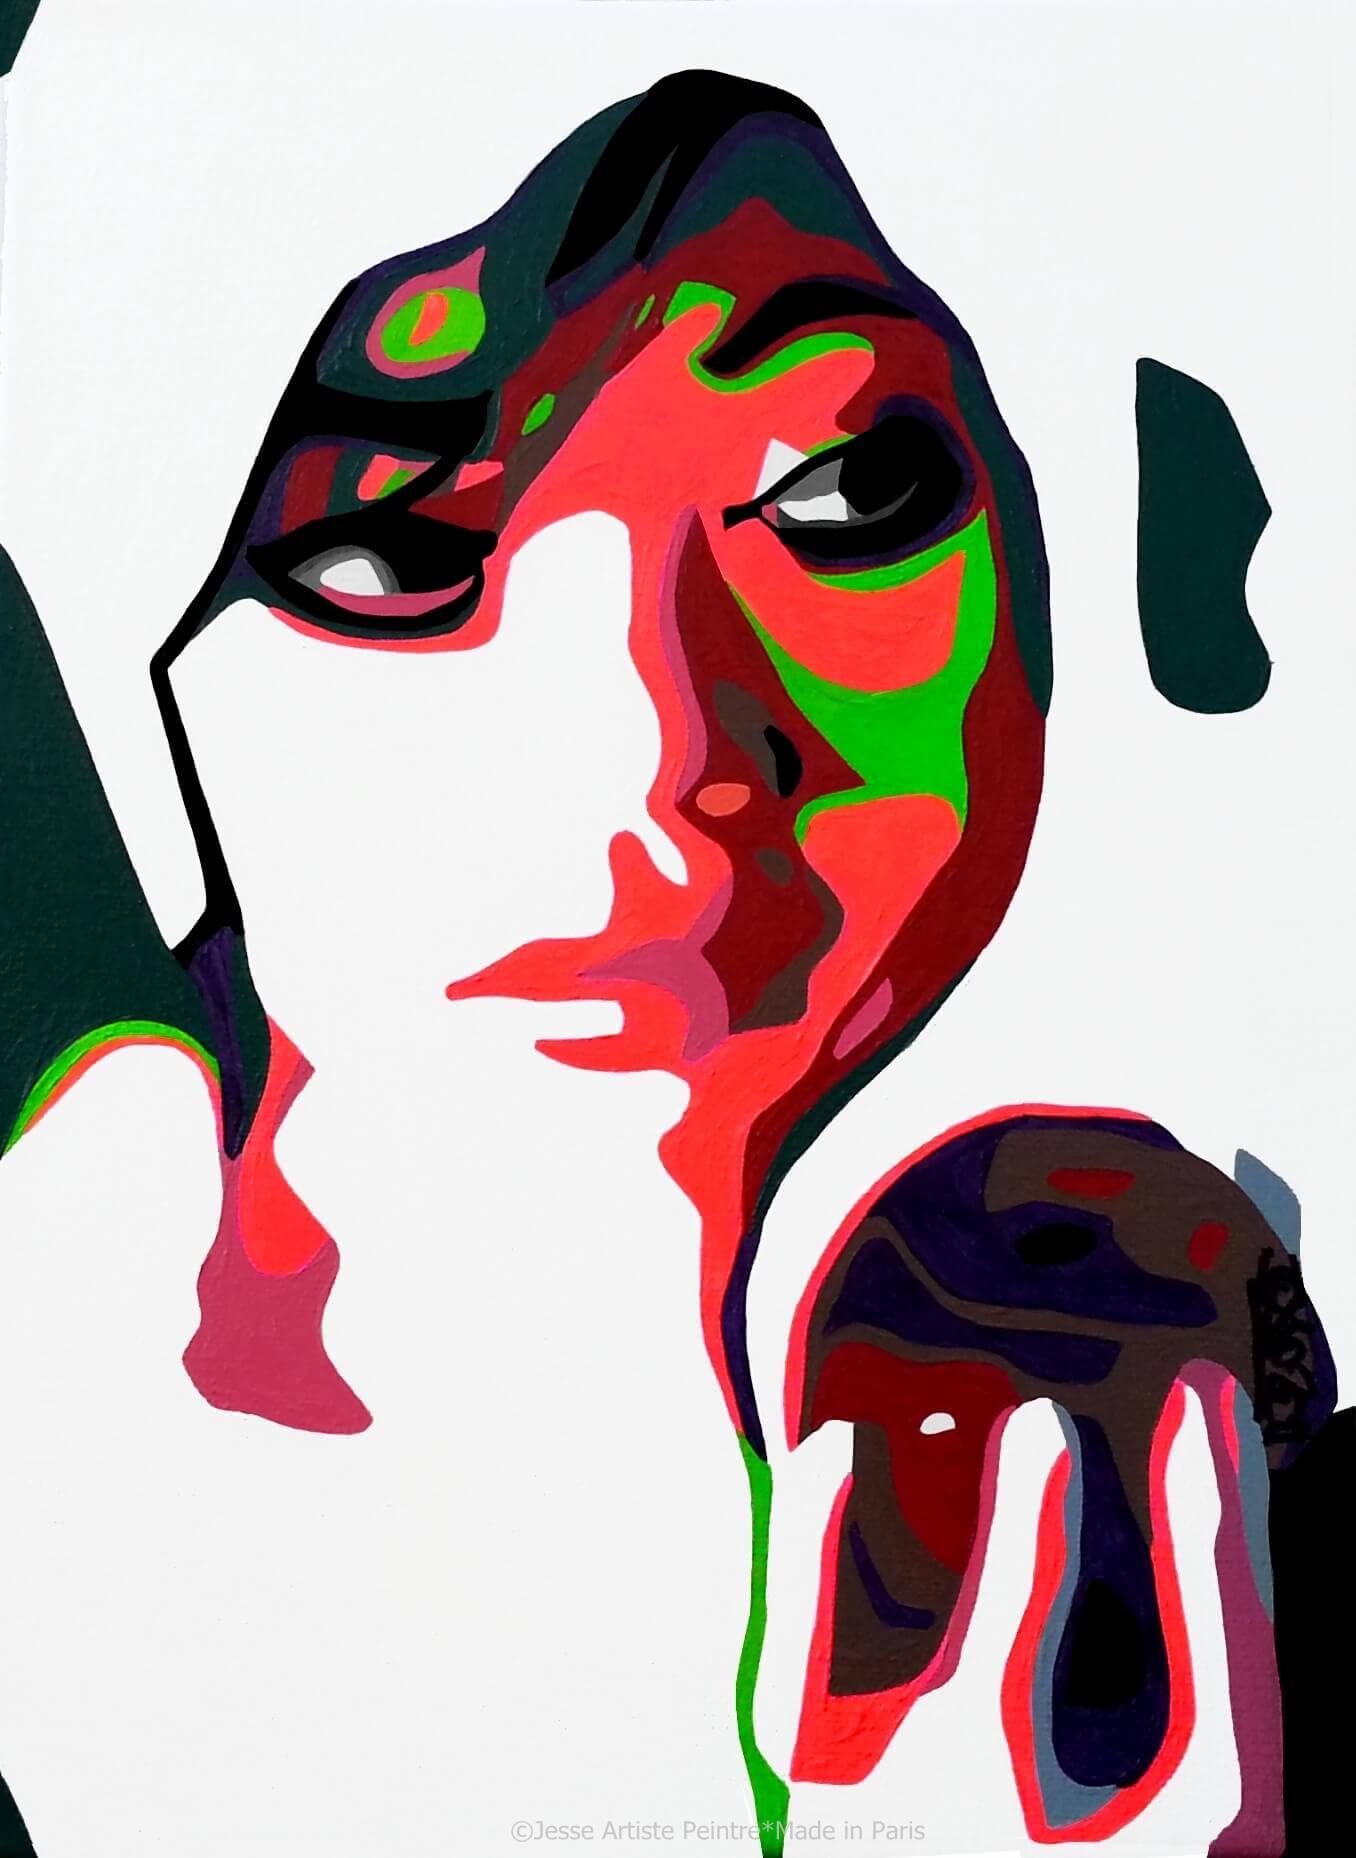 artiste peintre paris, pop art paris, red painting, eve painting, eden painting